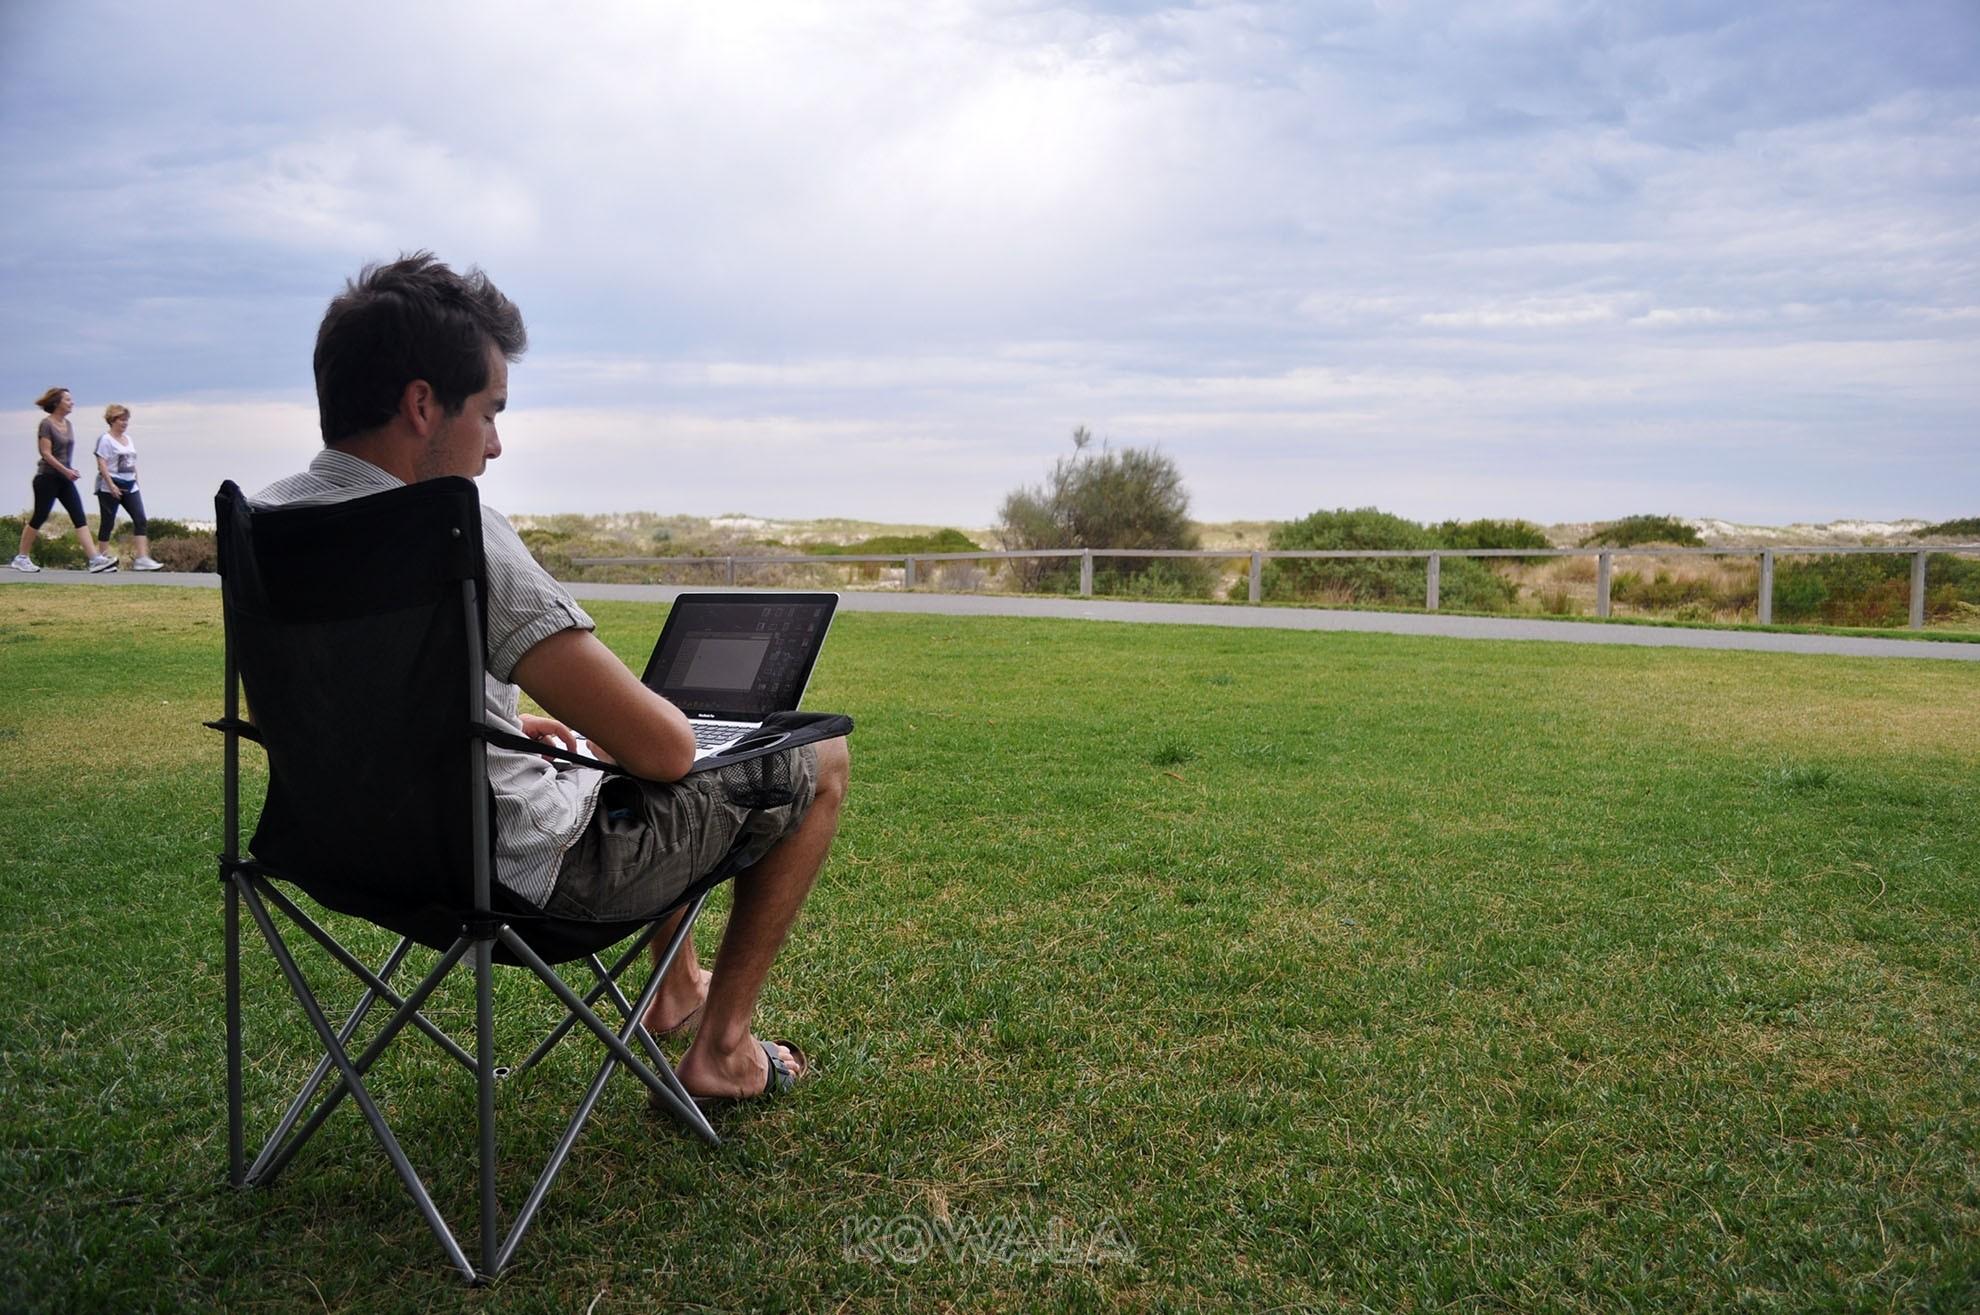 Chômage et RSA: les démarches avant le départ en PVT/WHV | Kowala